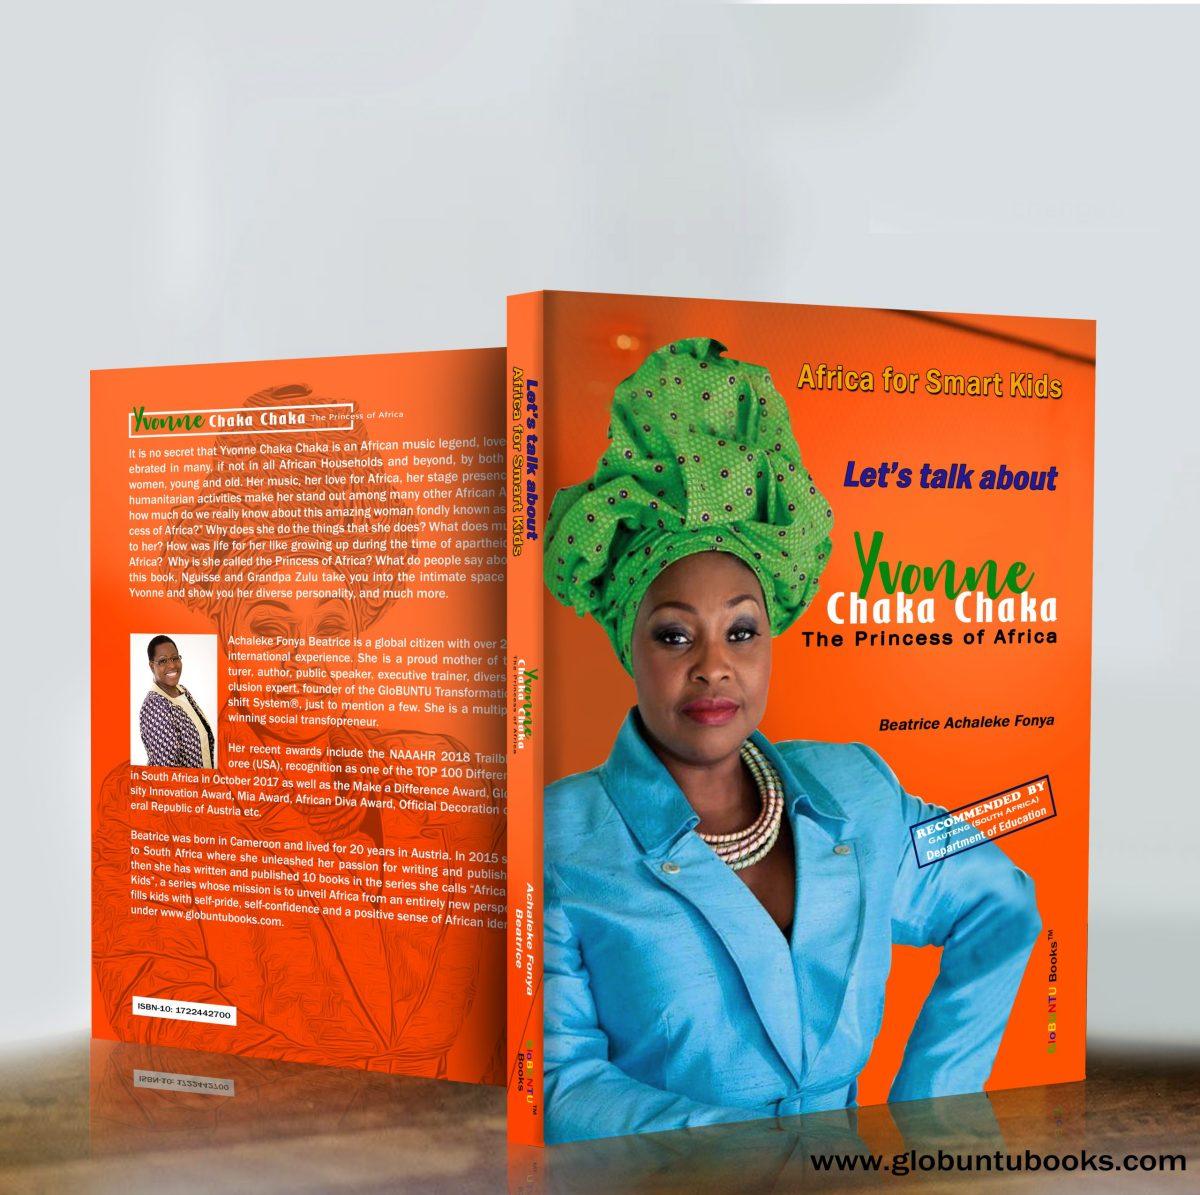 Let's talk about Yvonne Chaka Chaka, Princess of Africa